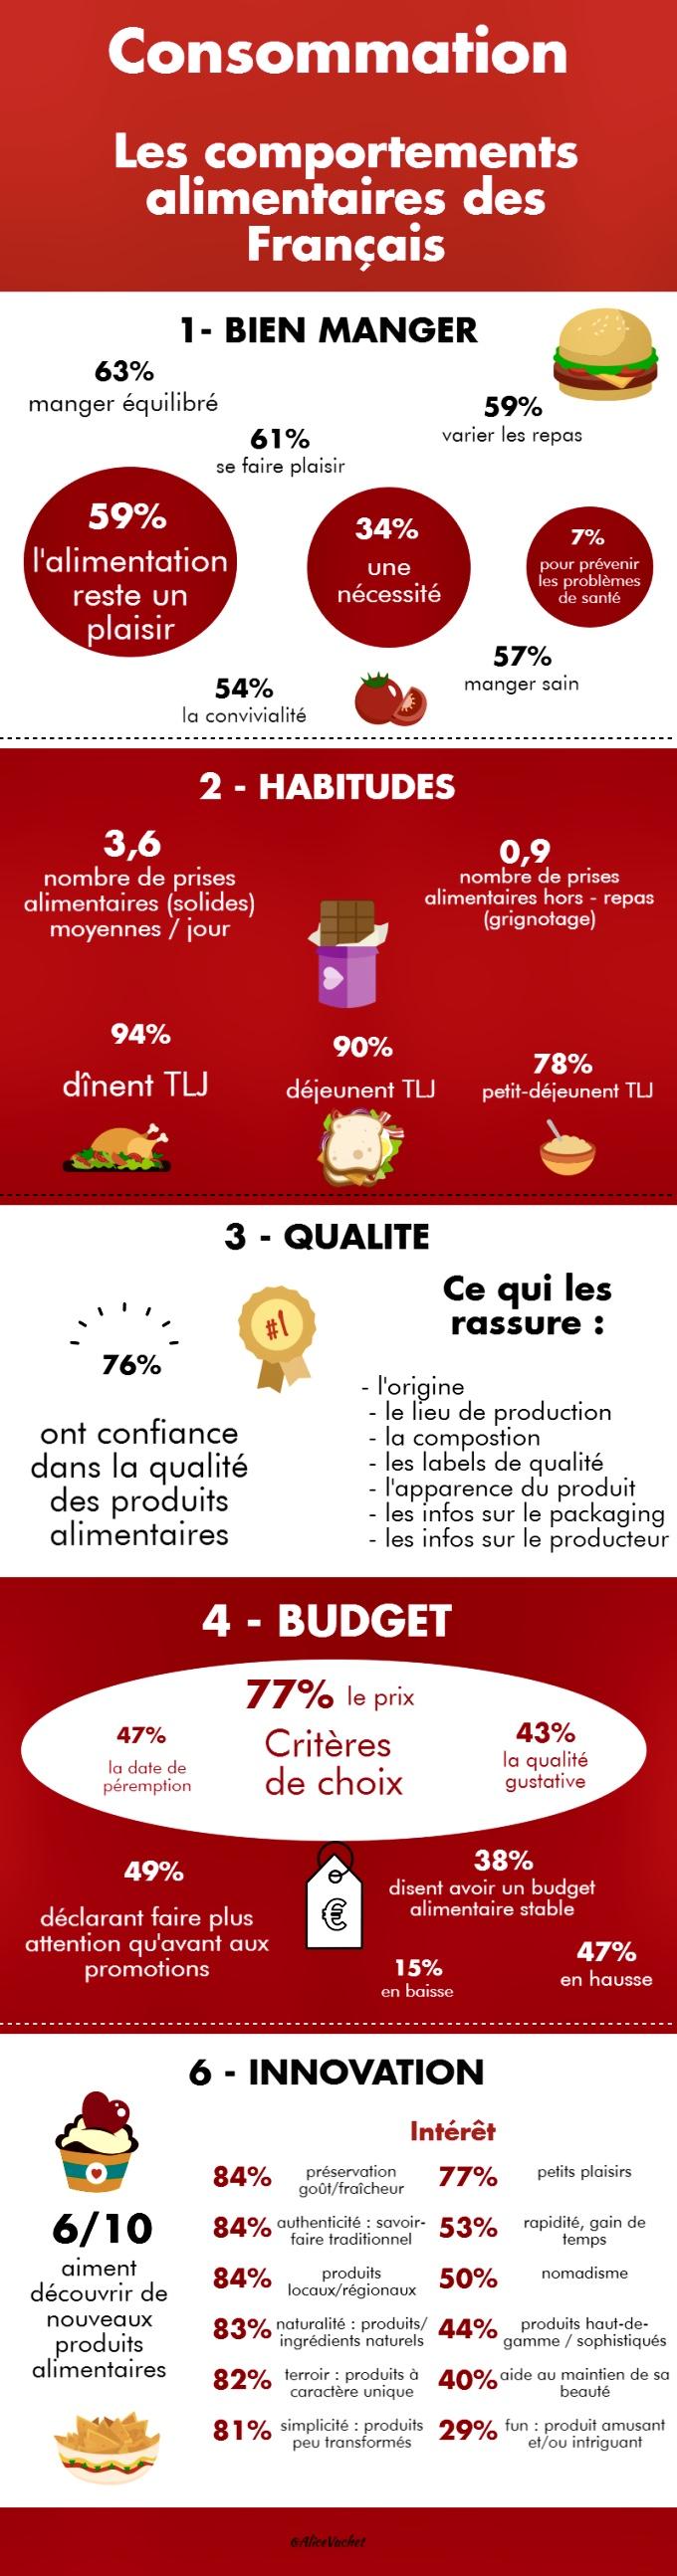 [Infographie] Consommation : Les comportements alimentaires des Français🇫🇷